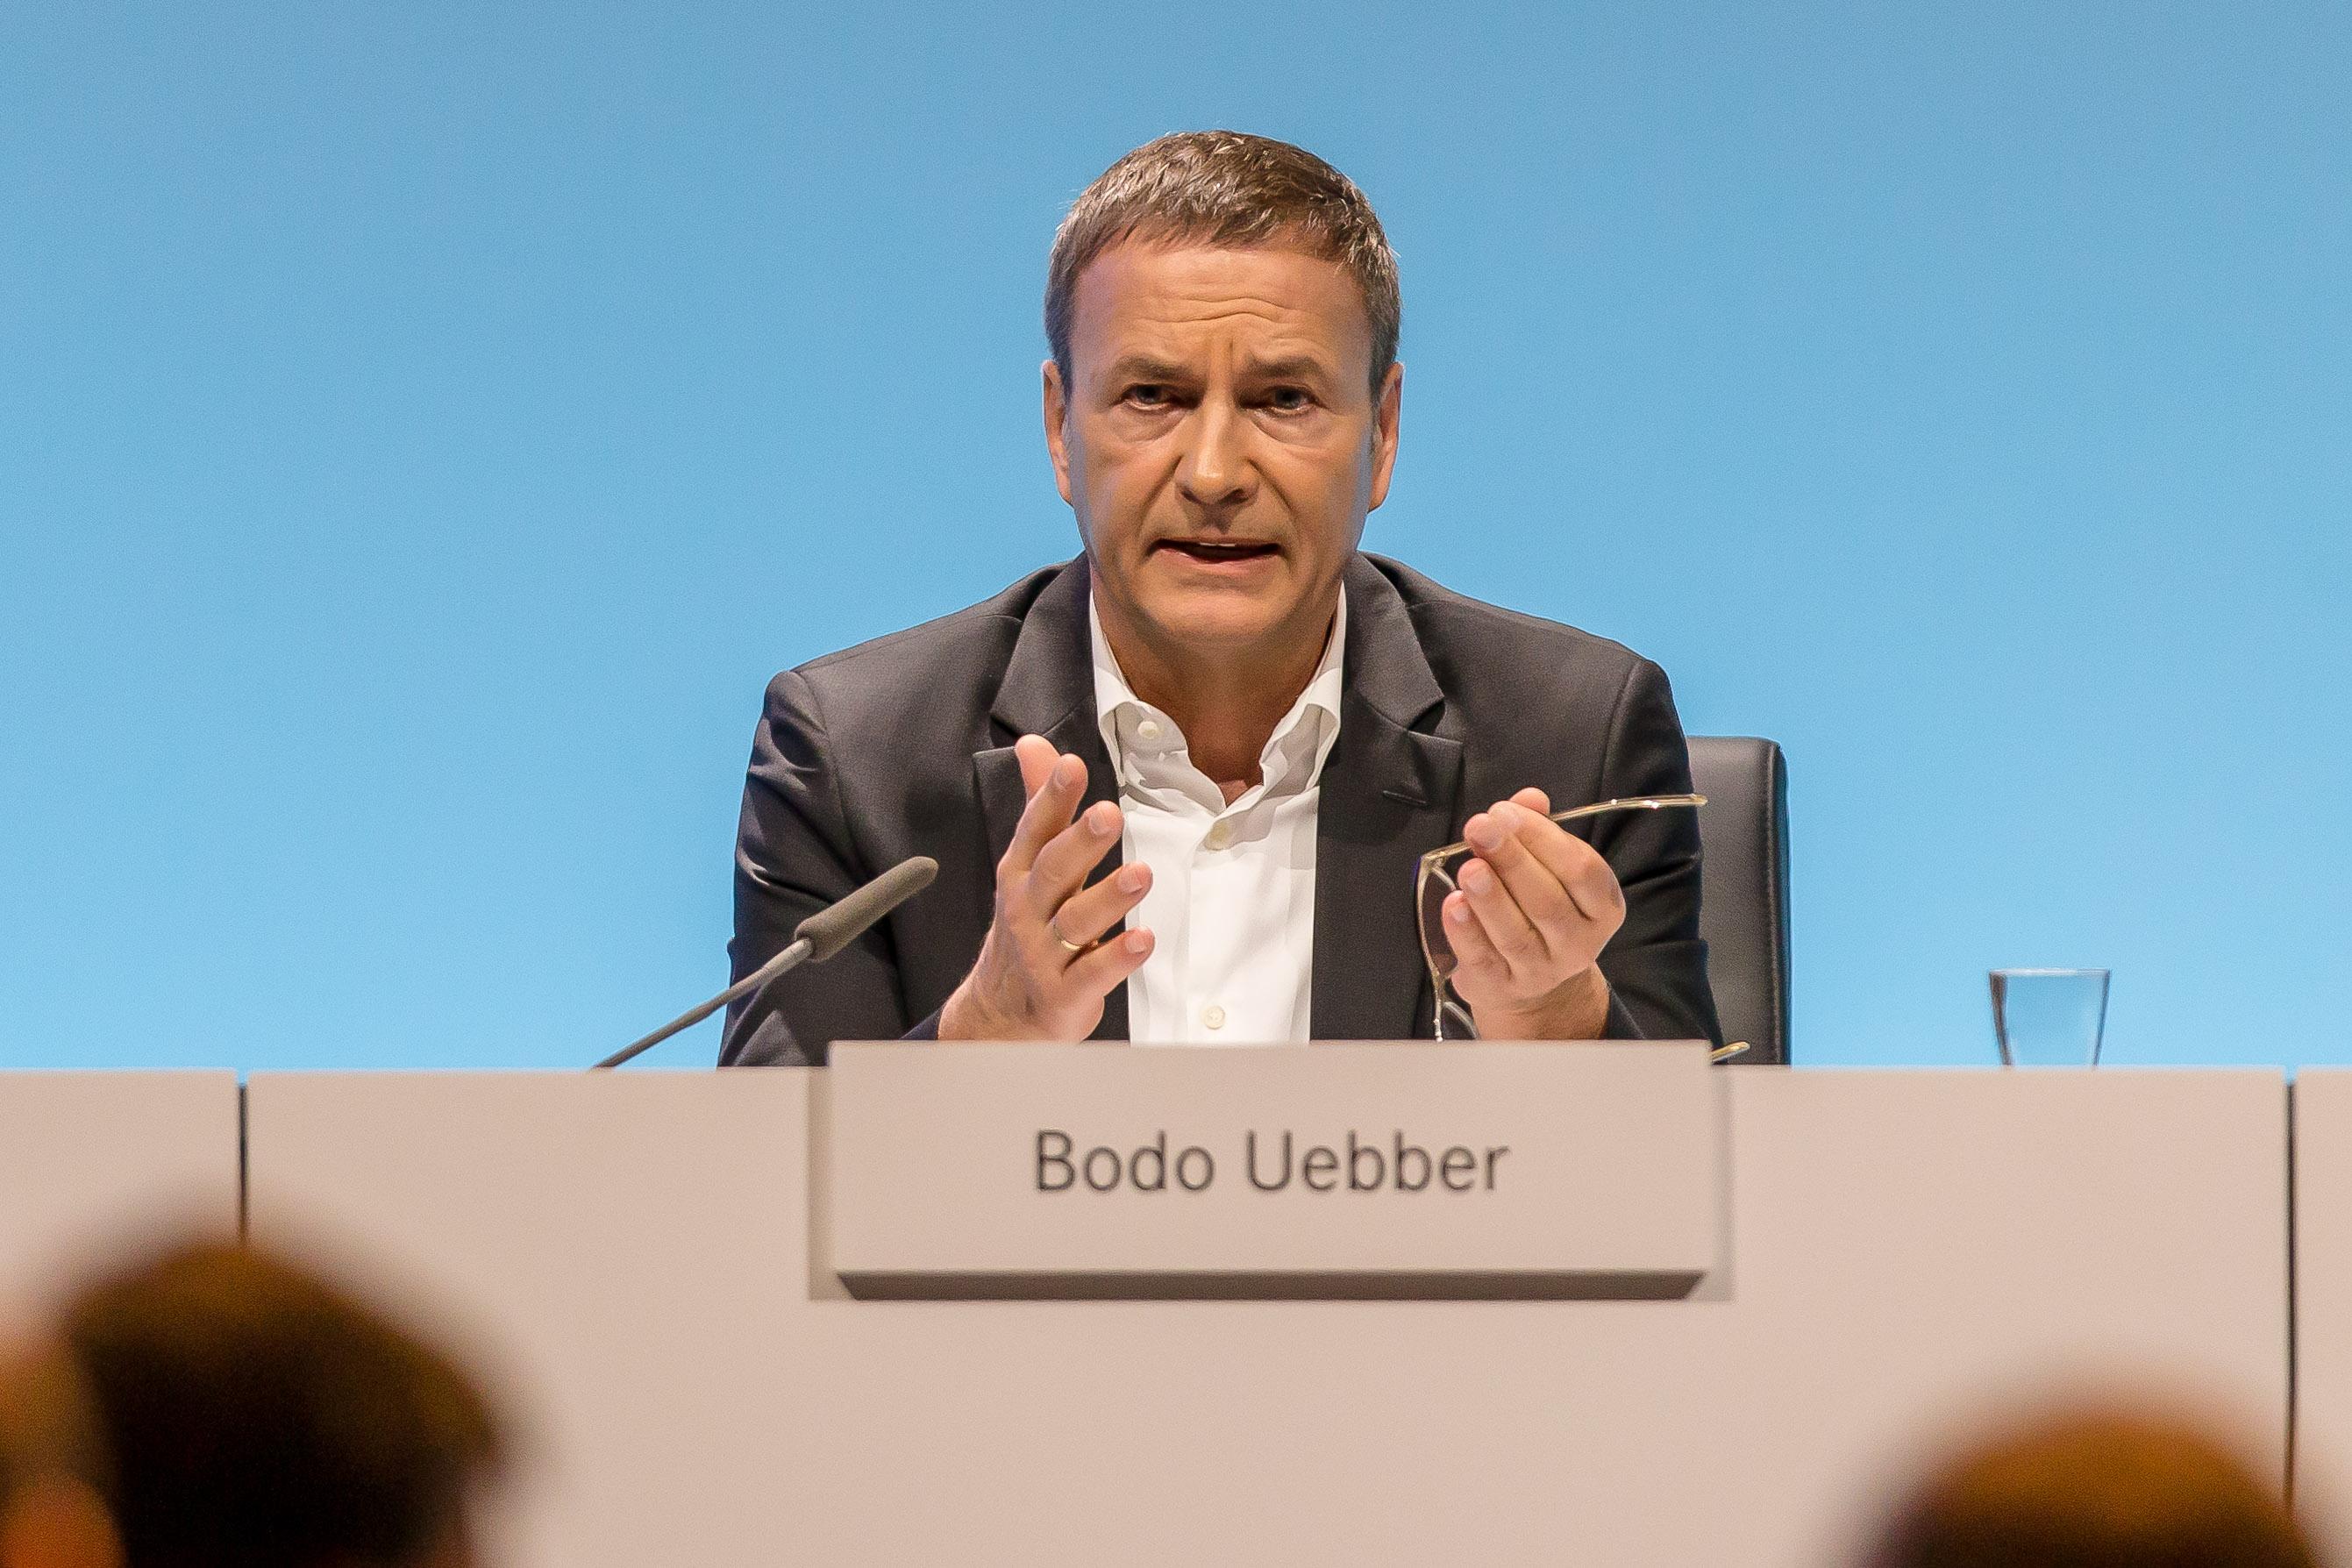 Daimler AG CFO Bodo Uebber